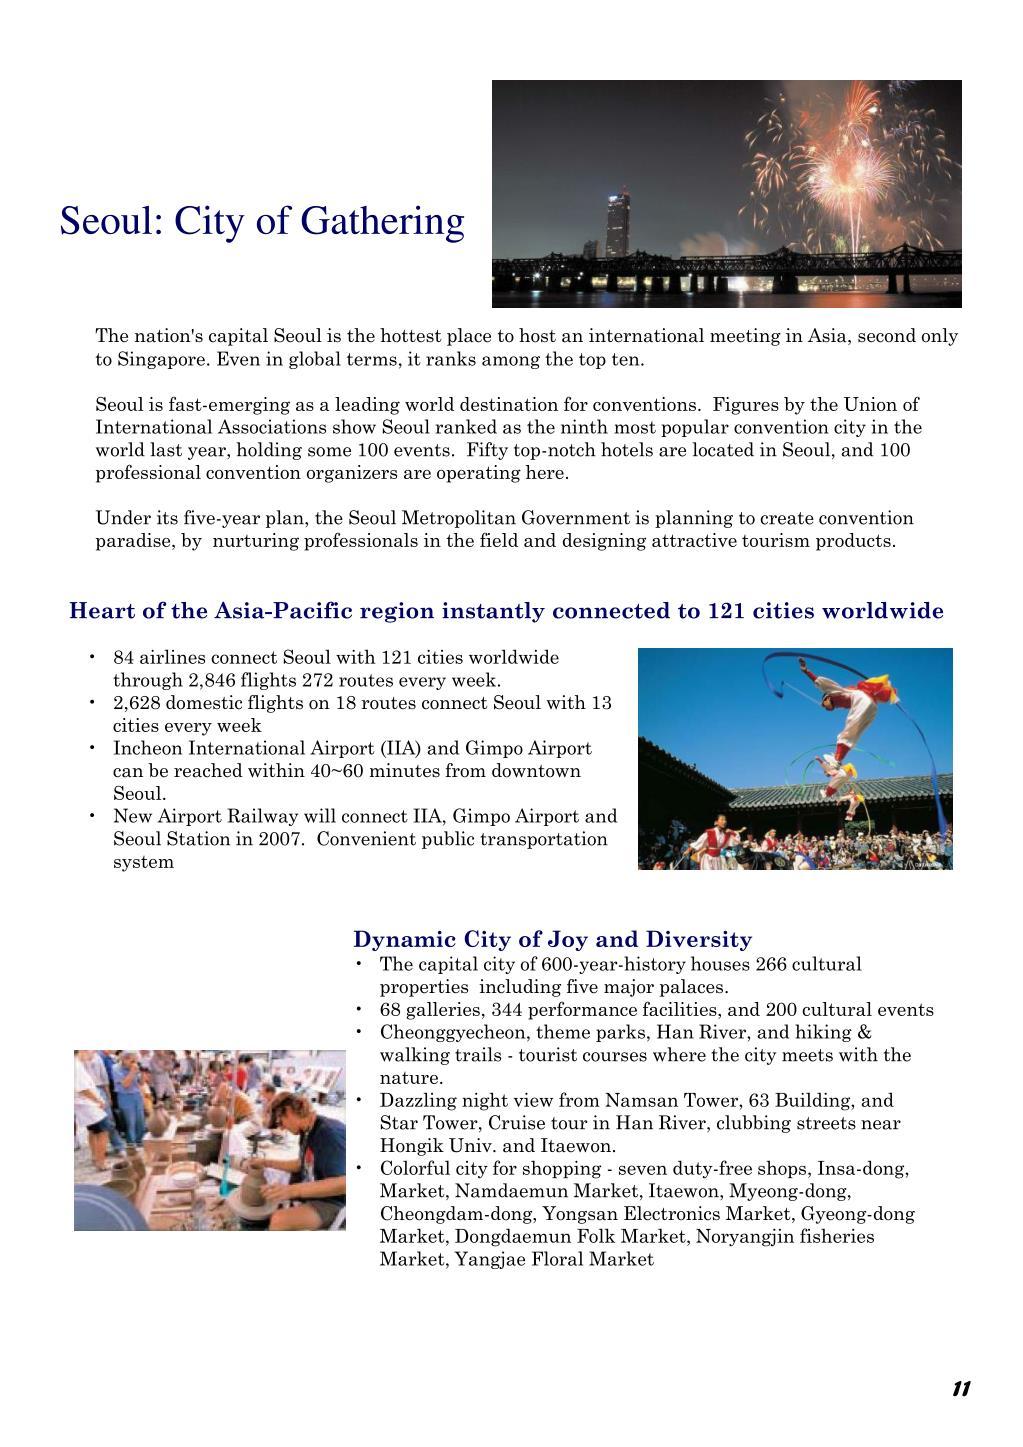 Seoul: City of Gathering